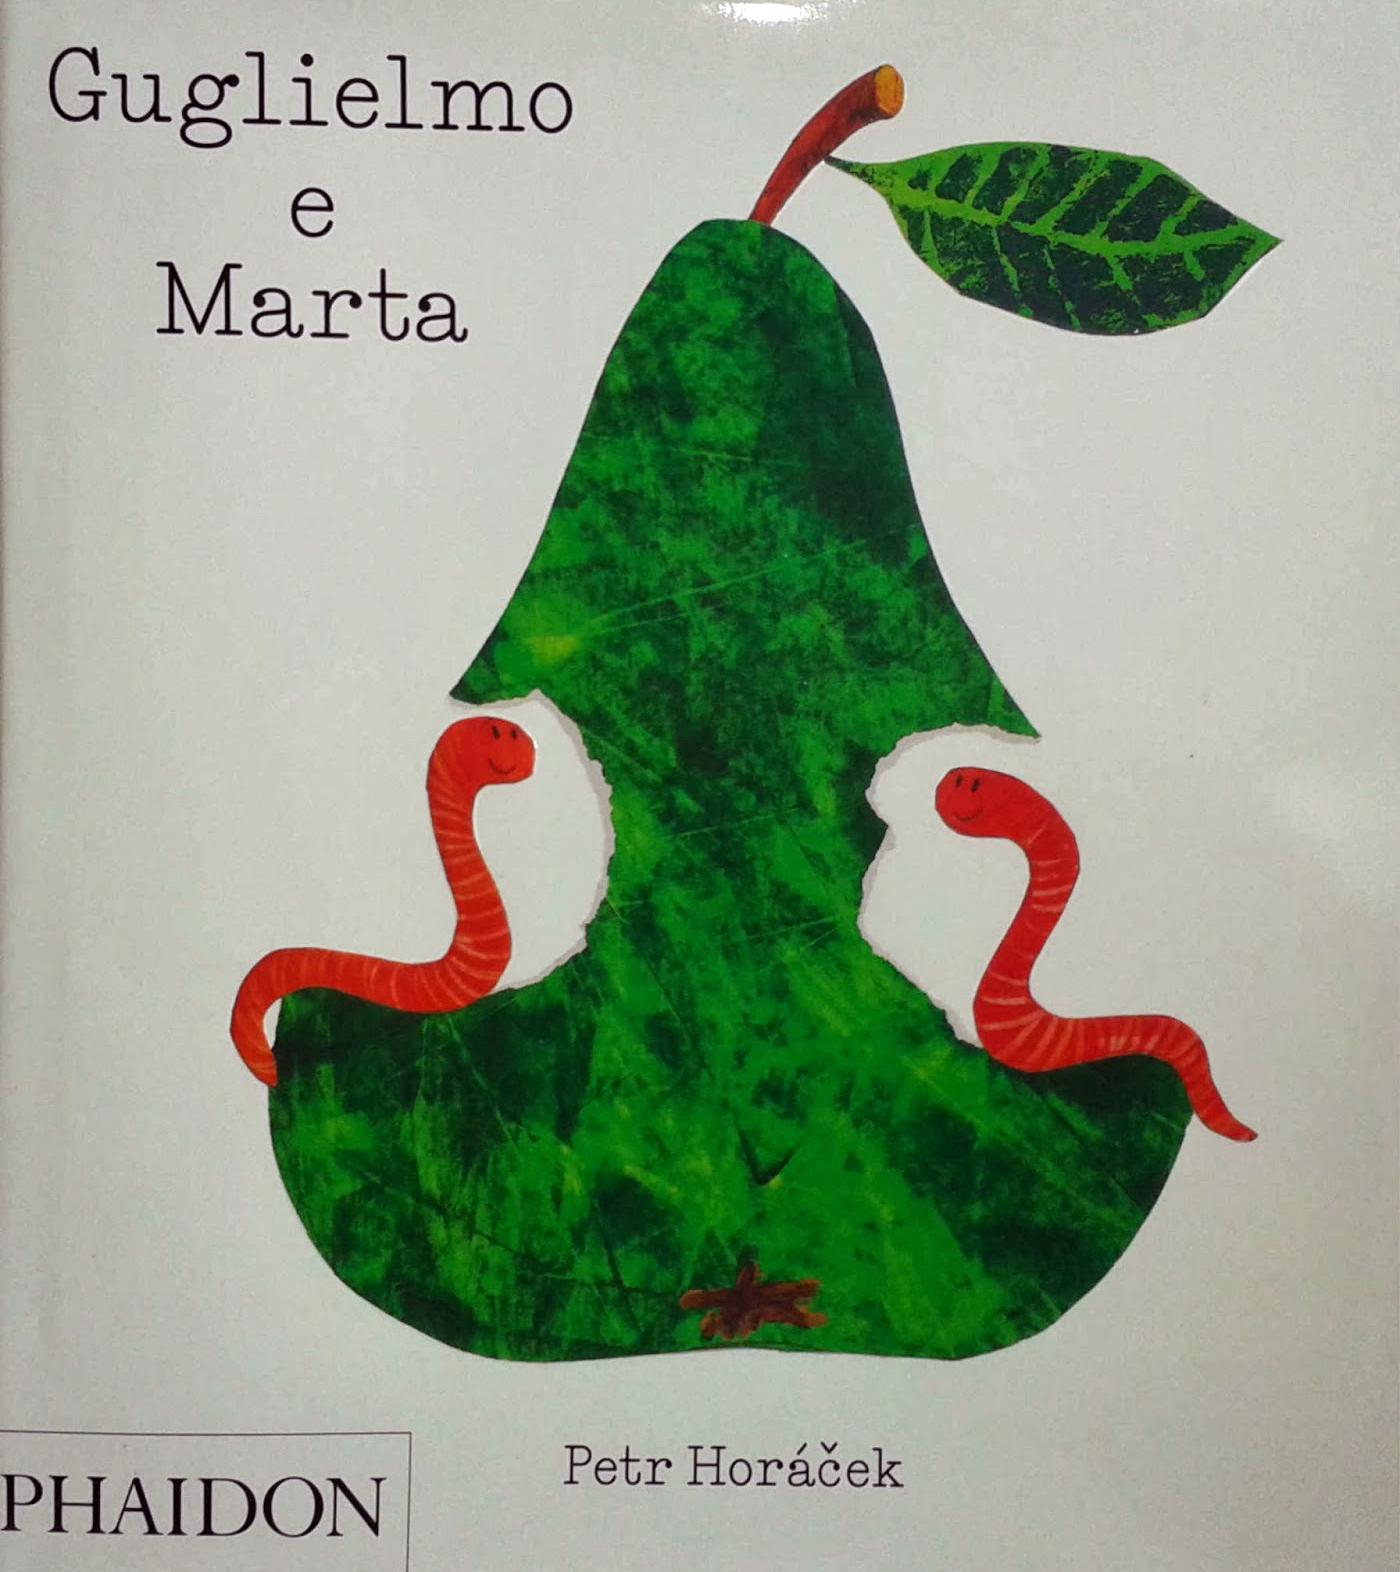 c369b63e5a3a43 ... libri per bambini con animali - Guglielmo e Marta Che ...